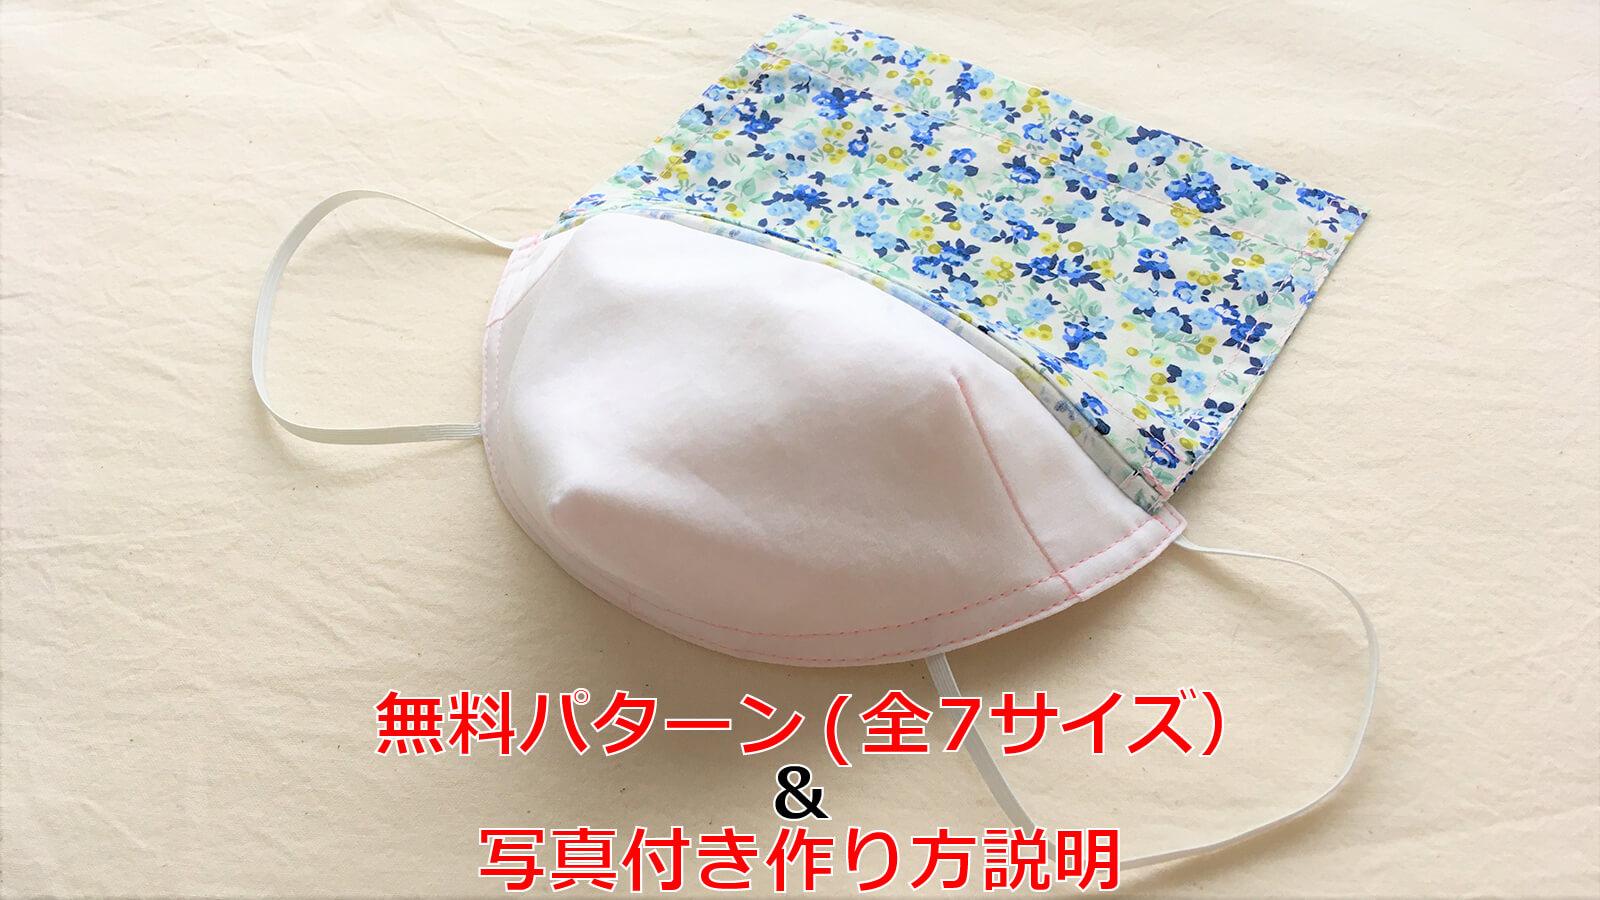 保冷剤マスクの写真